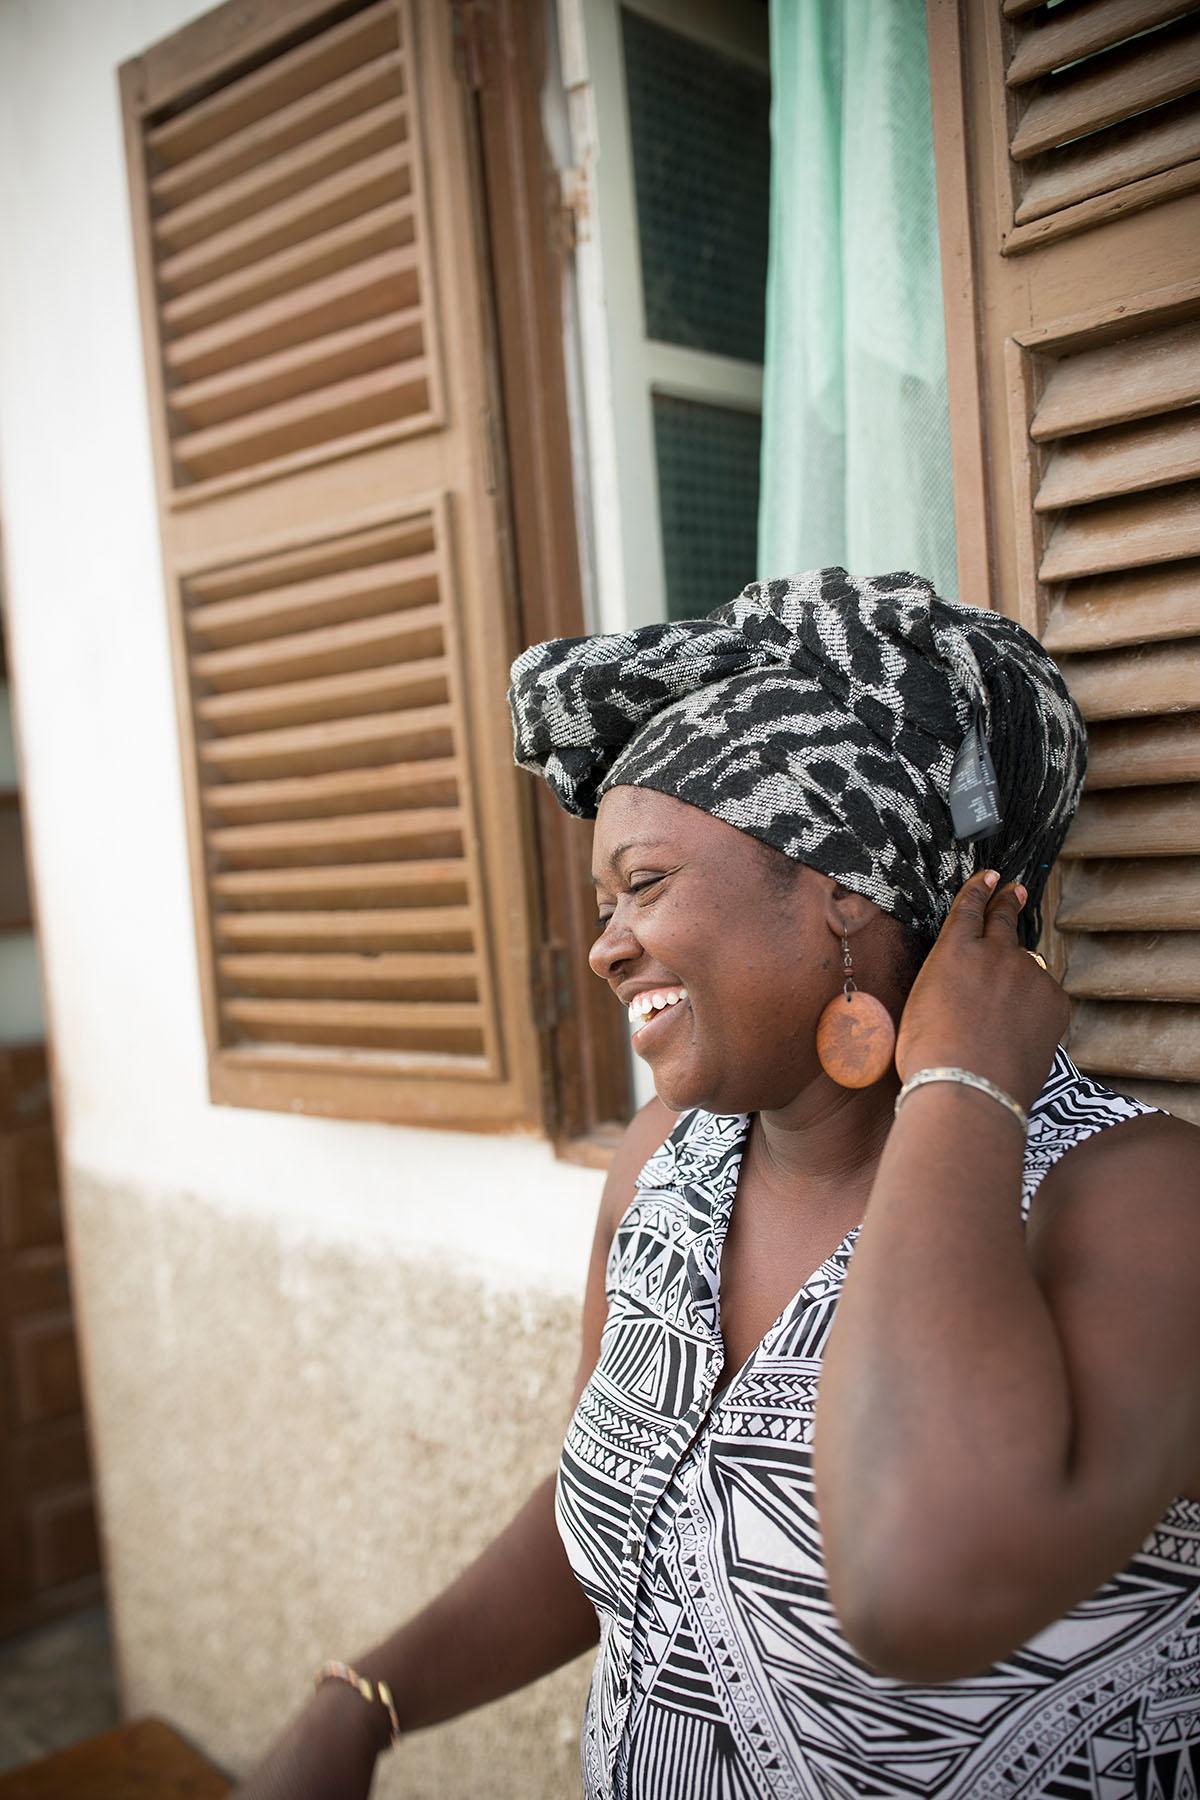 Cape Verdean woman